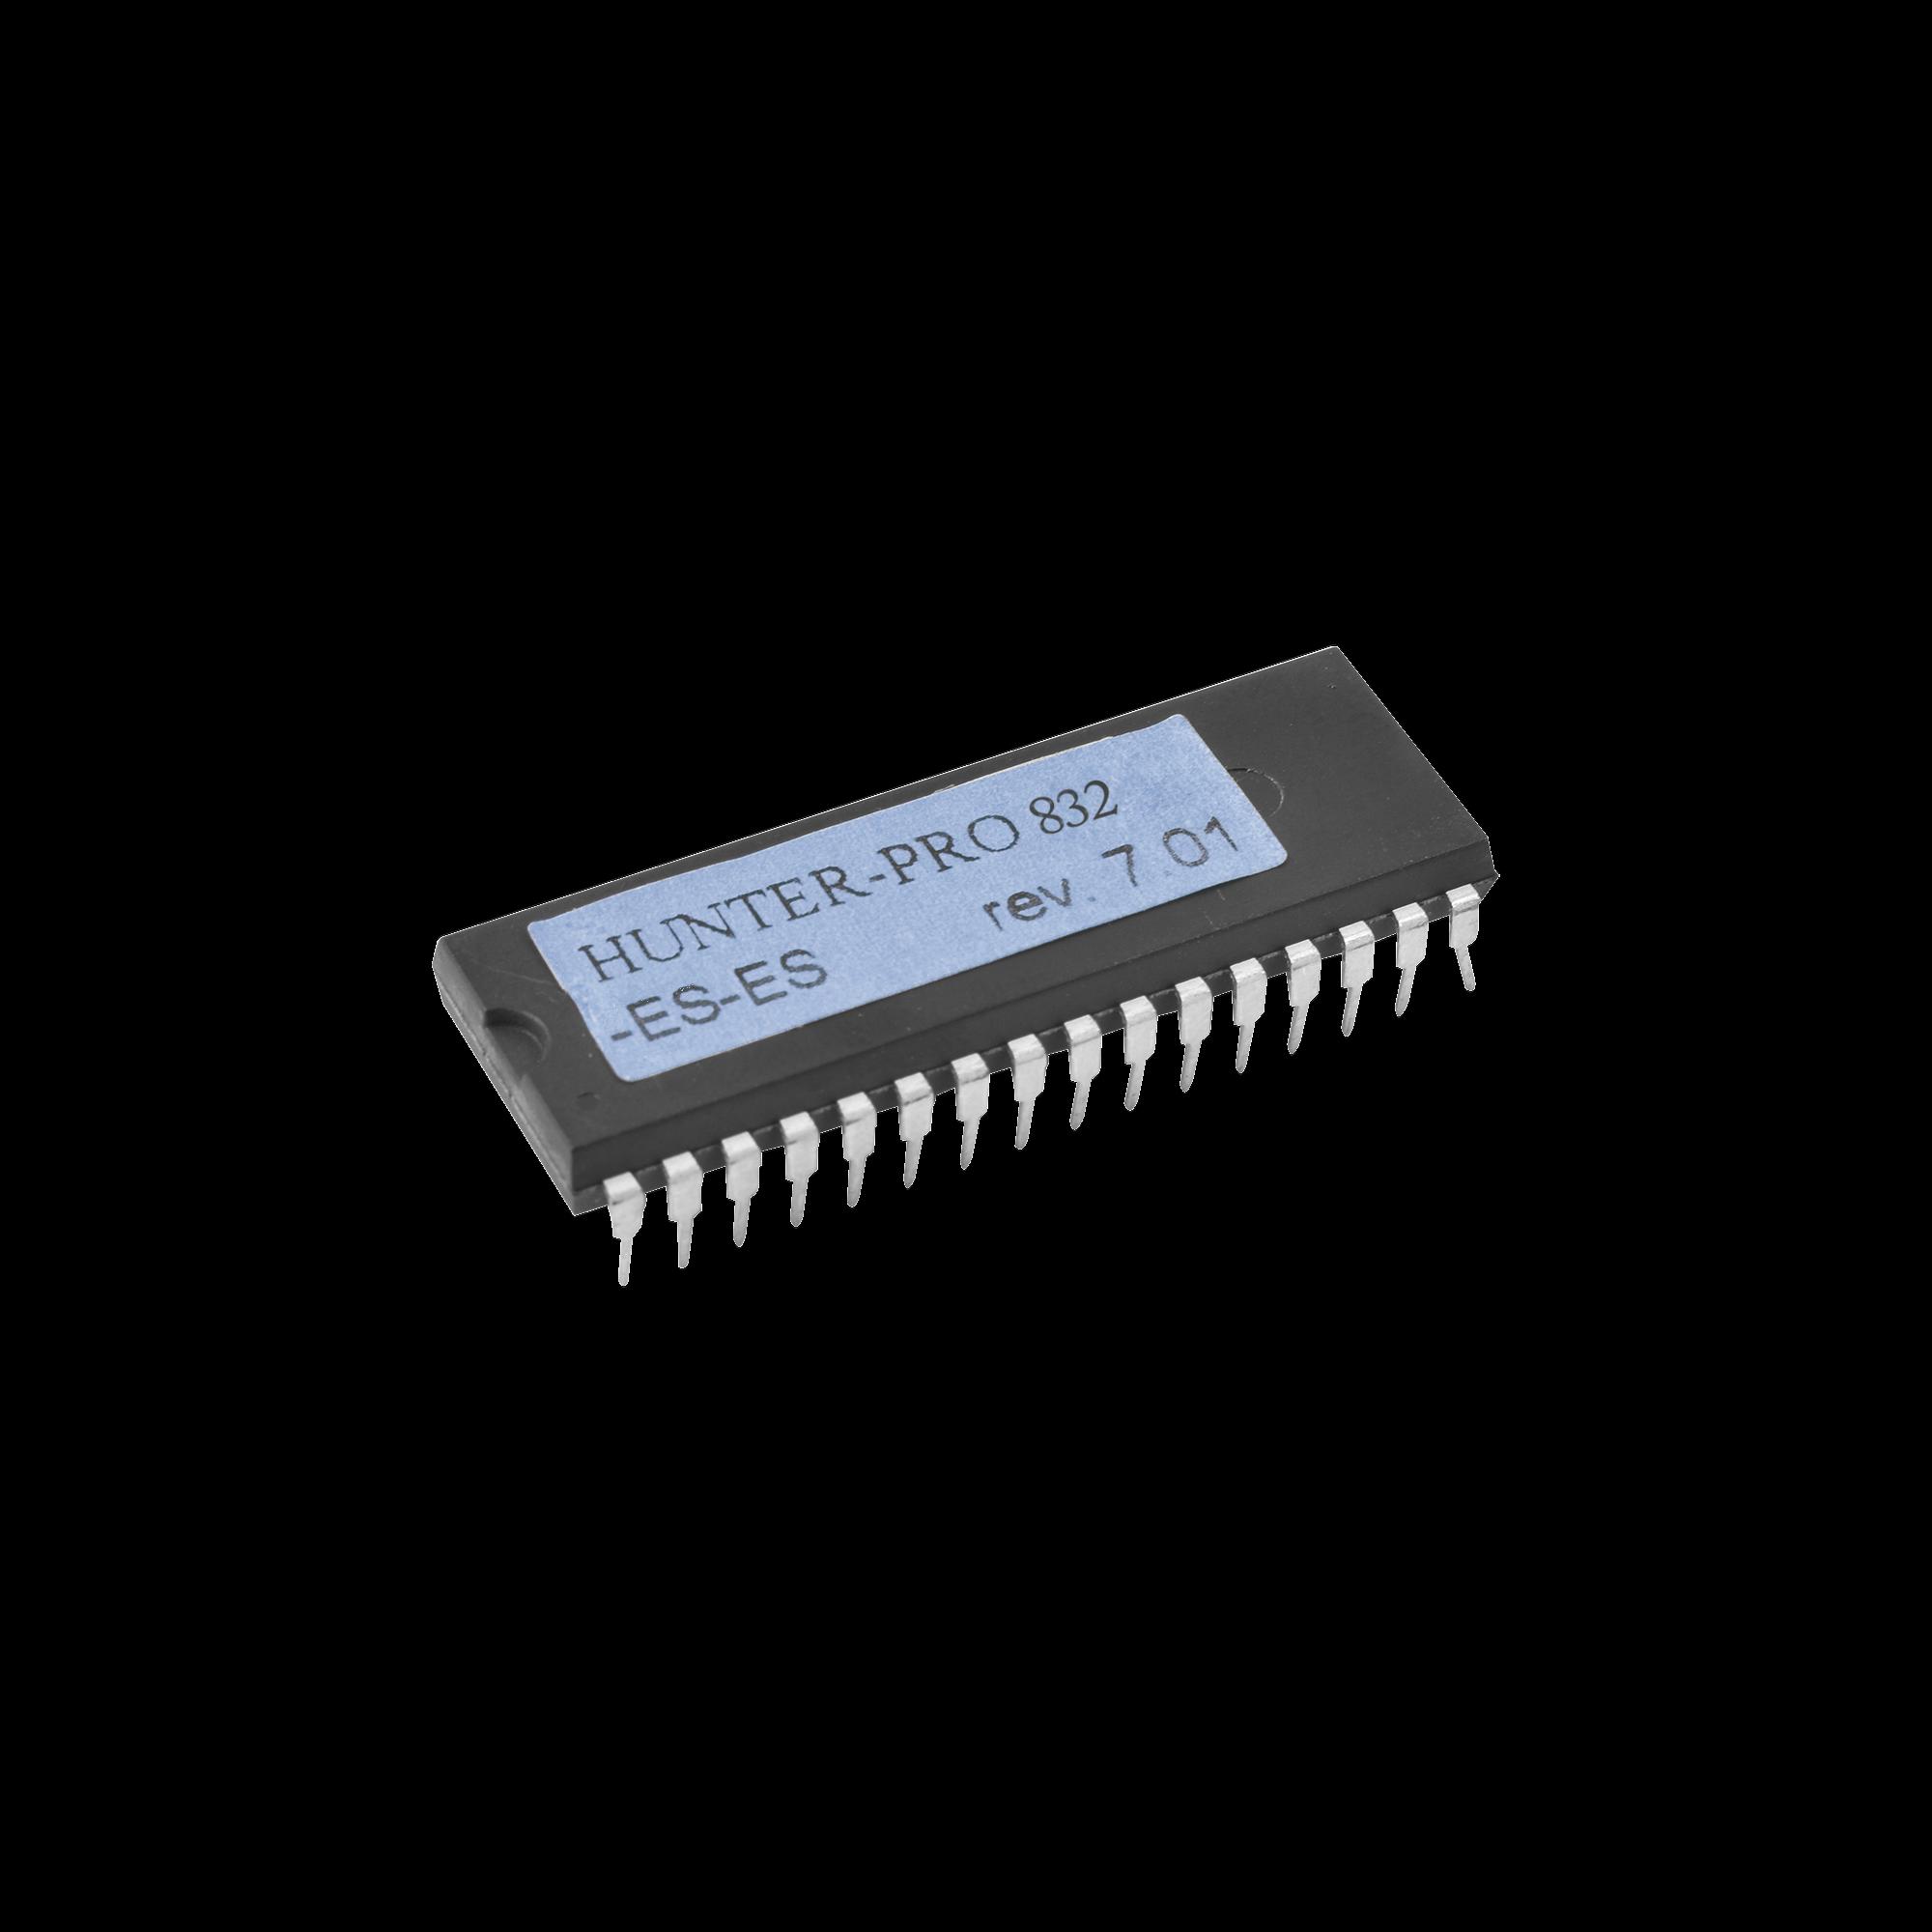 Chip de Actualización para HUNTERPRO83 con uso de App Wifi PIMAlink2.0